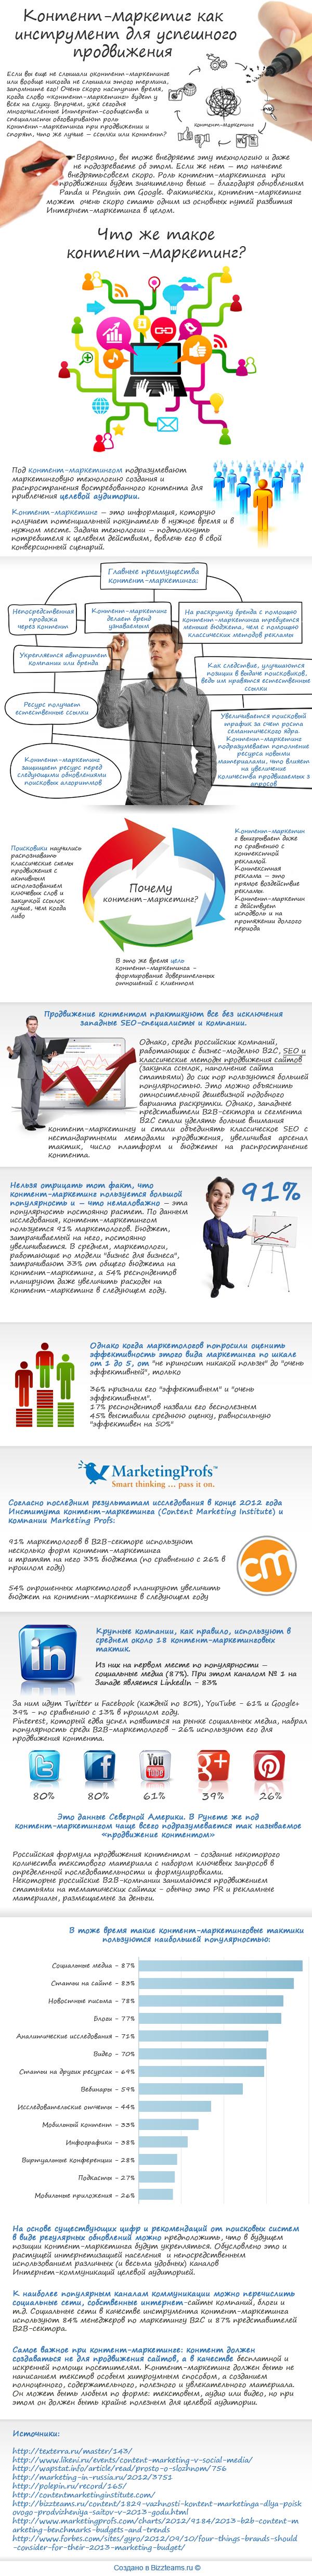 Инфографика: контент-маркетинг как инструмент для успешного продвижения